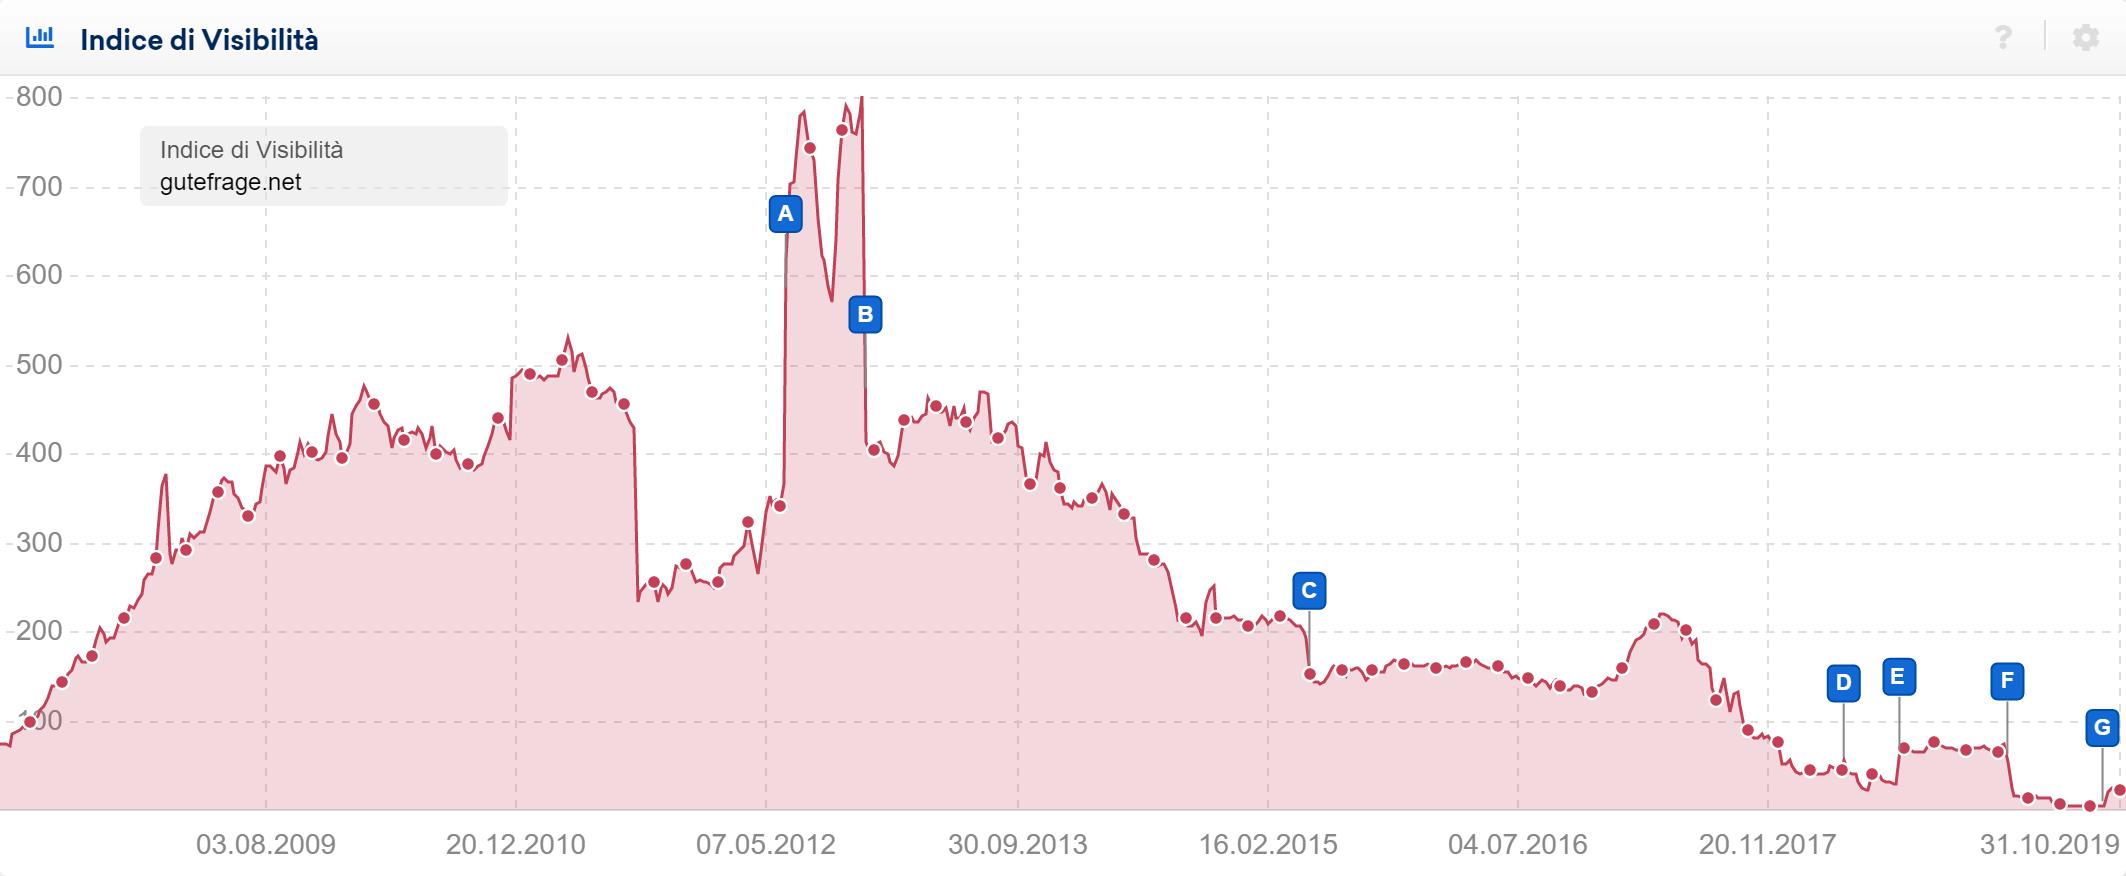 Indice di Visibilità del dominio gutefrage.net